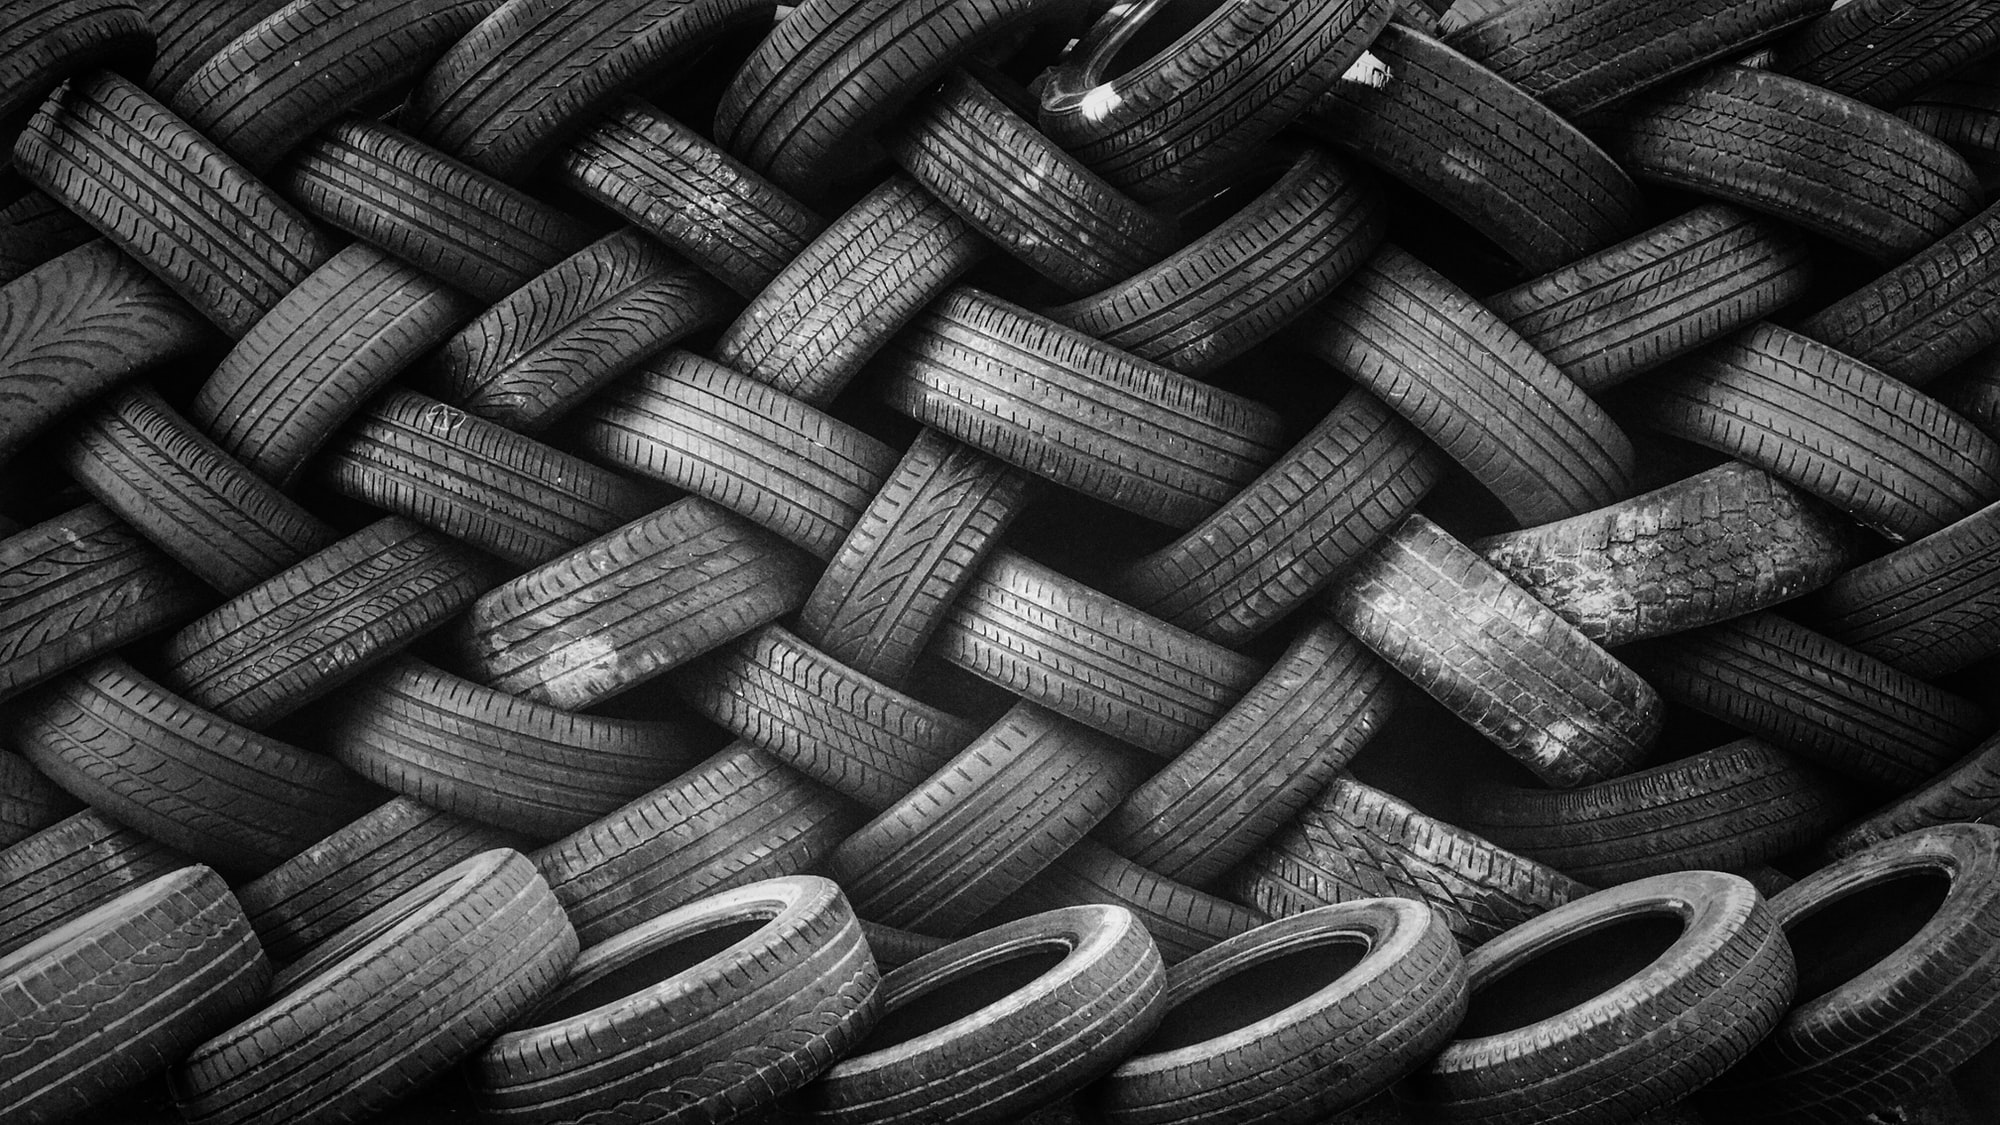 Entretien et sécurité des pneumatiques dans le Code de la route